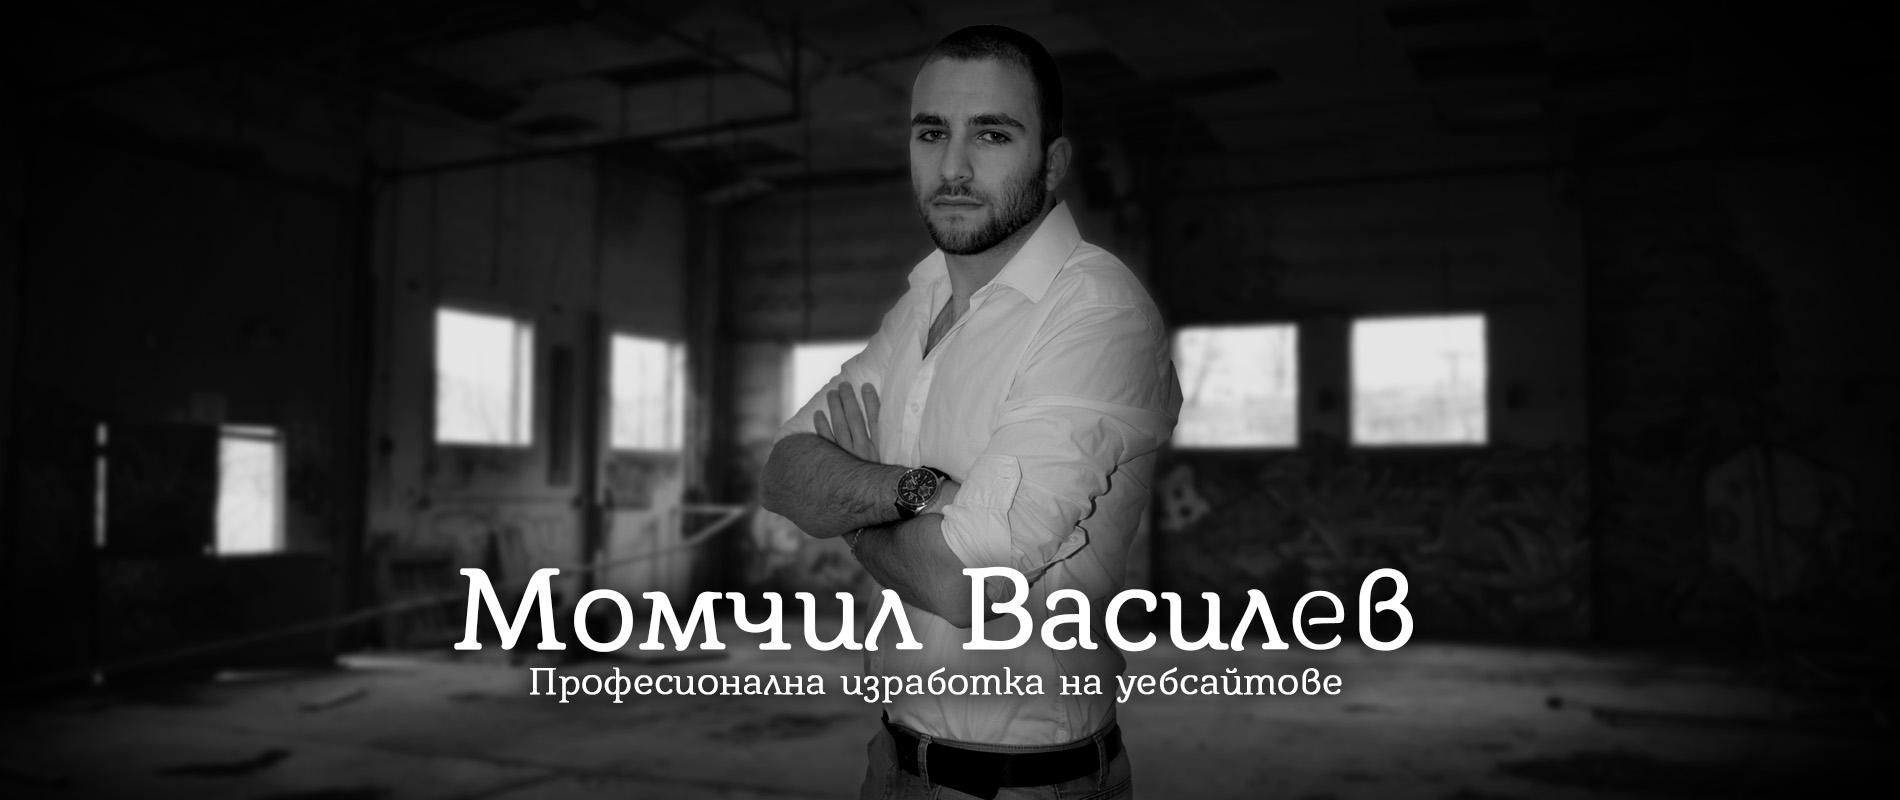 Момчил Василев професионална изработка на уебсайтове